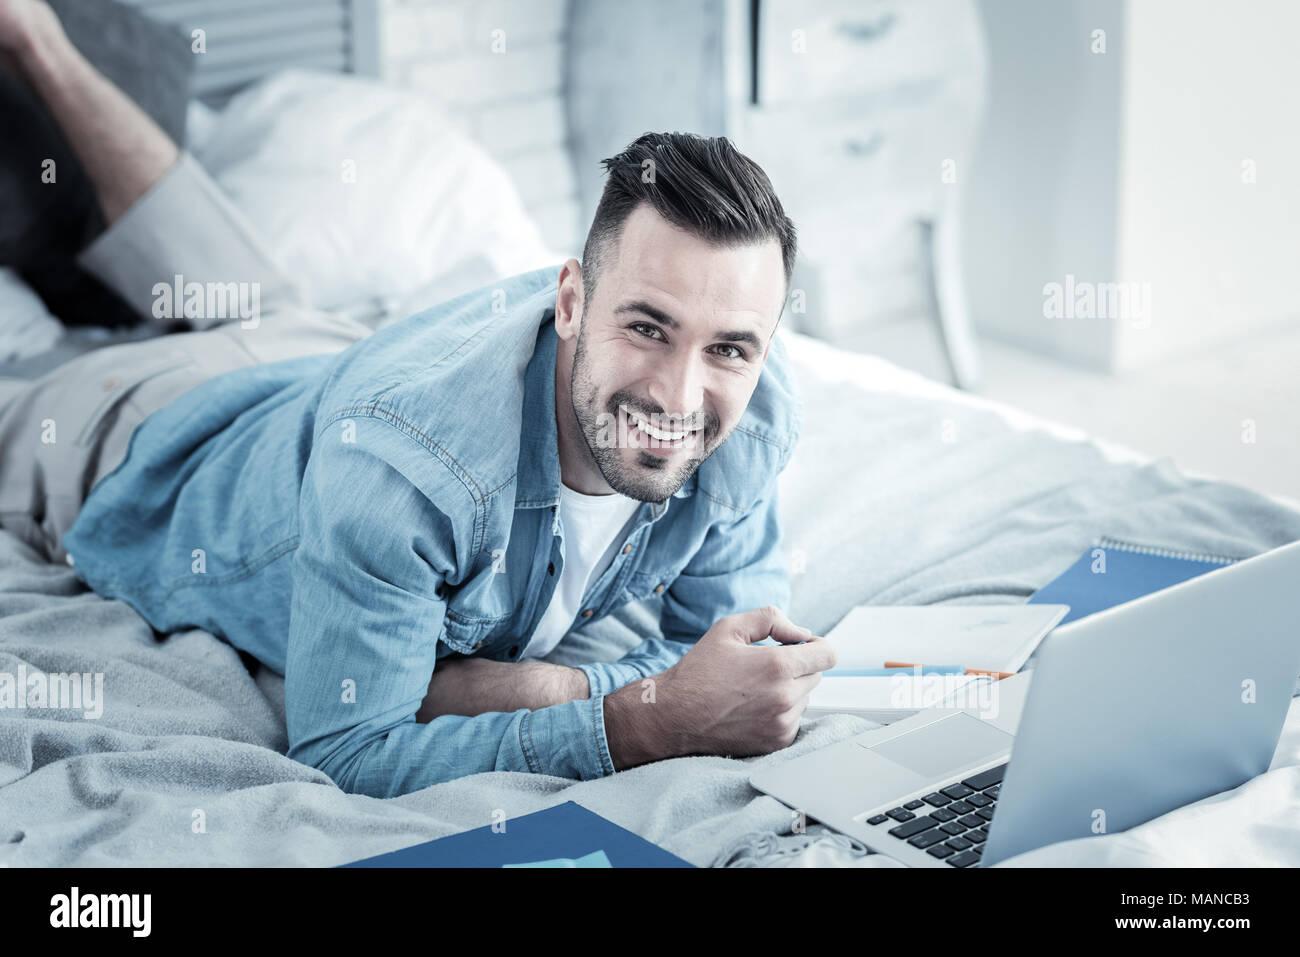 Allegro piacevole uomo studiando da casa Immagini Stock